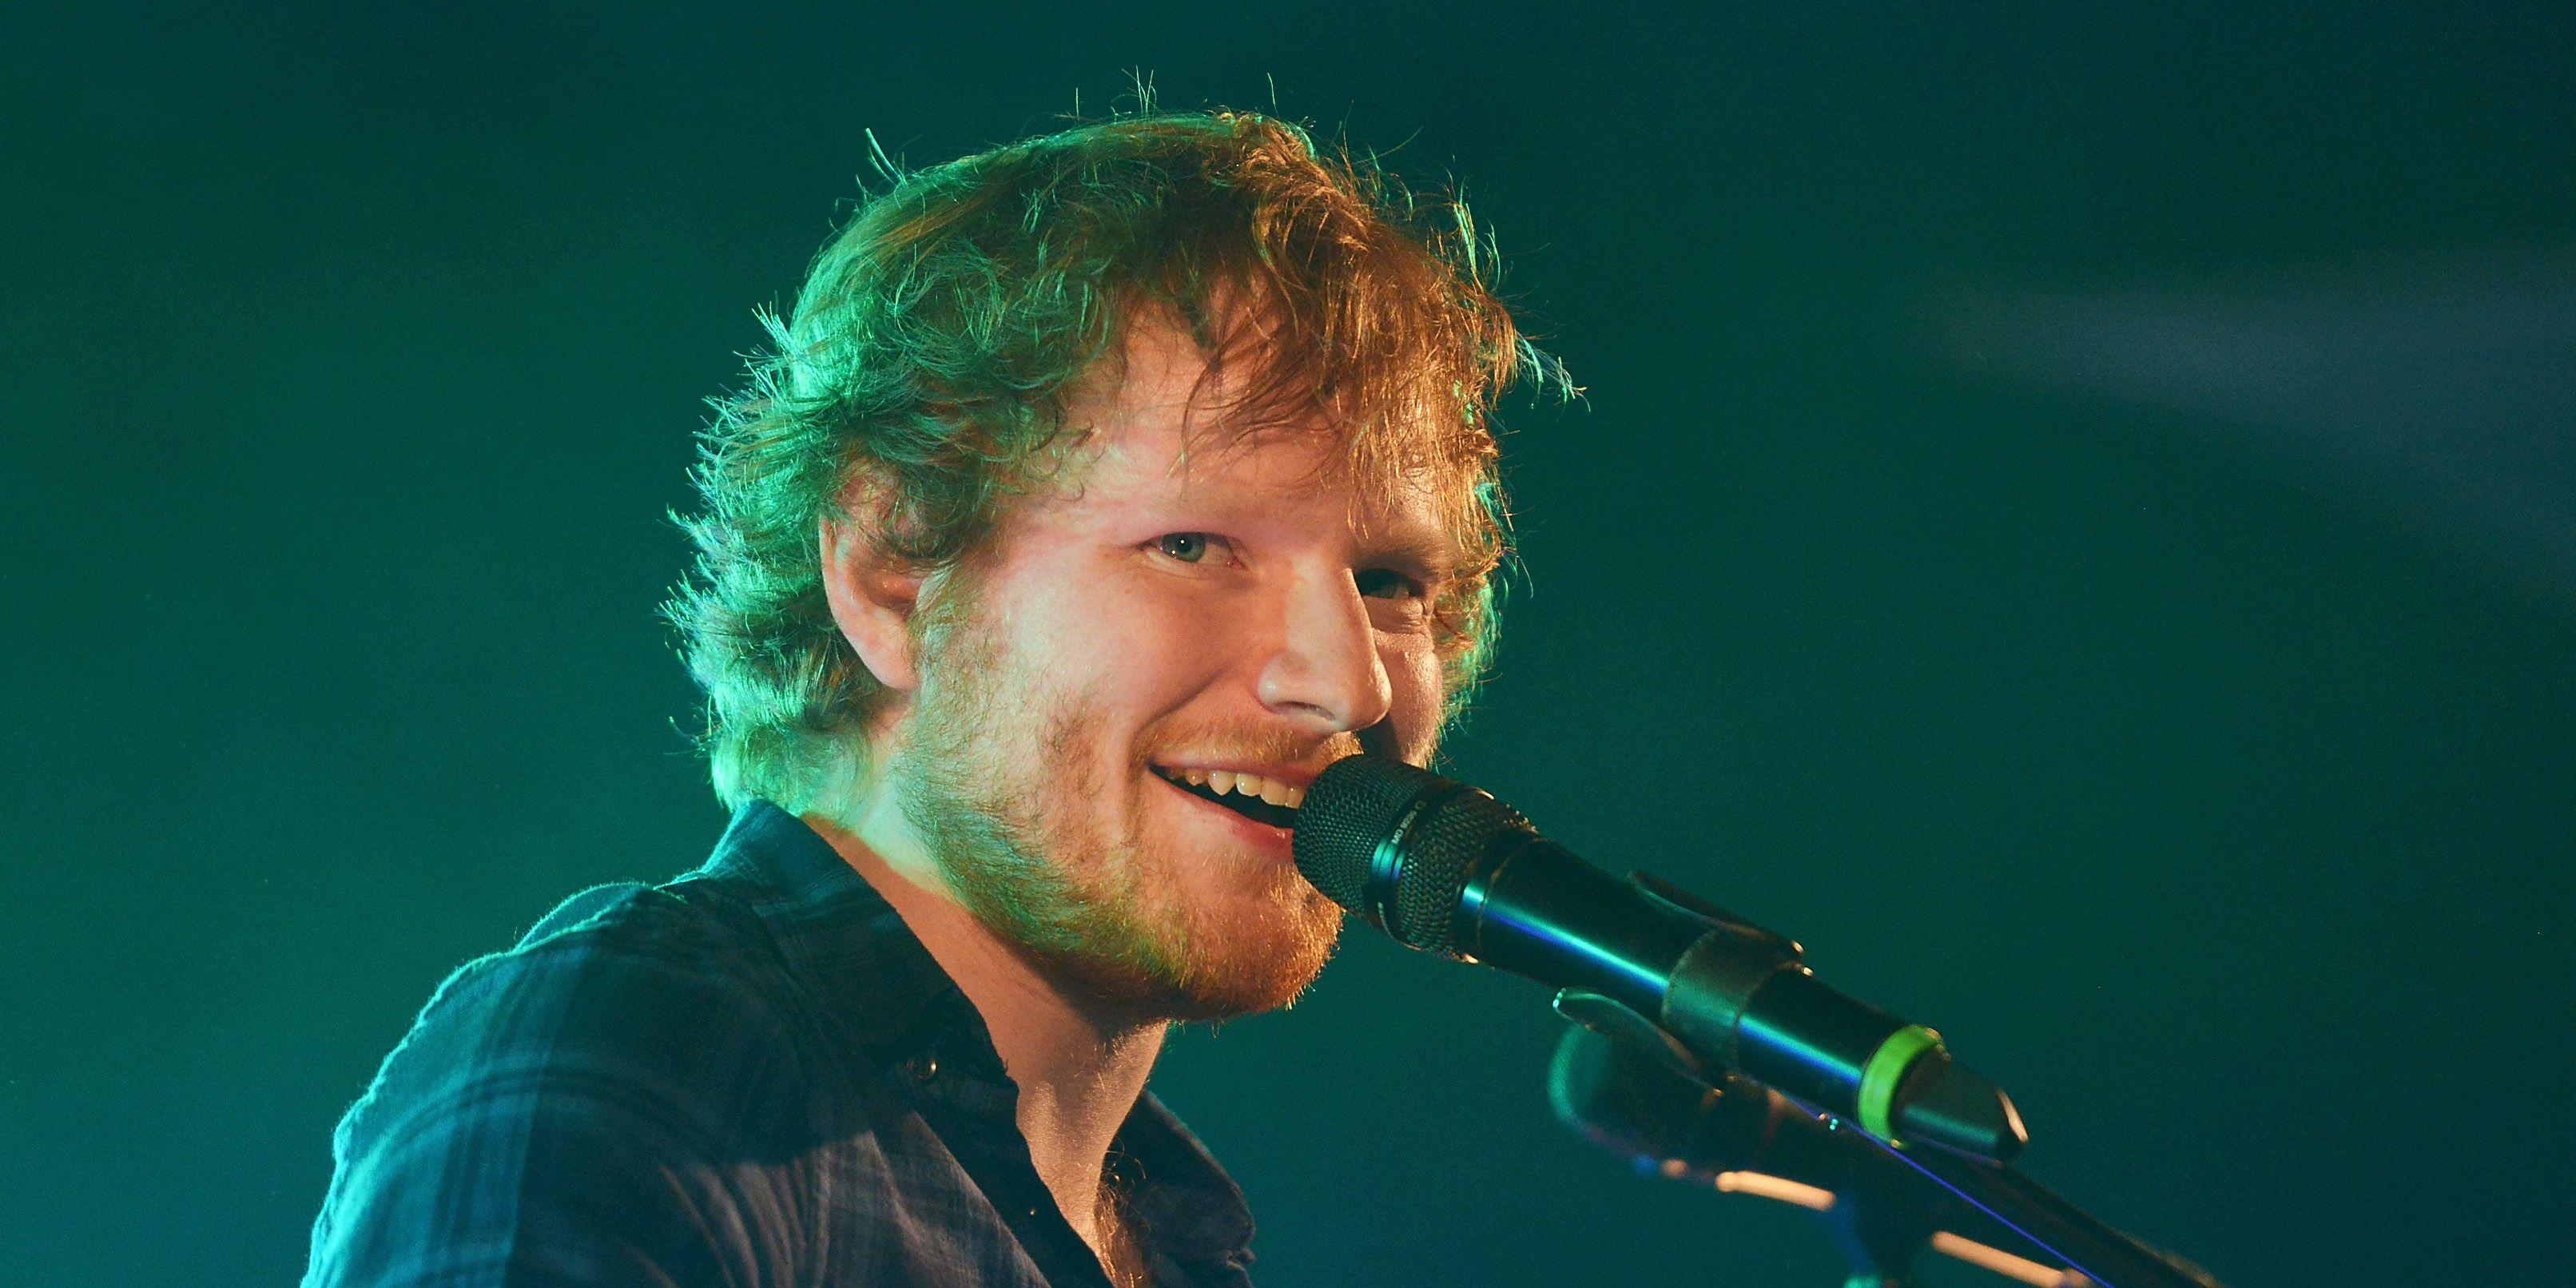 Ed-Sheeran-succes-uiterlijk